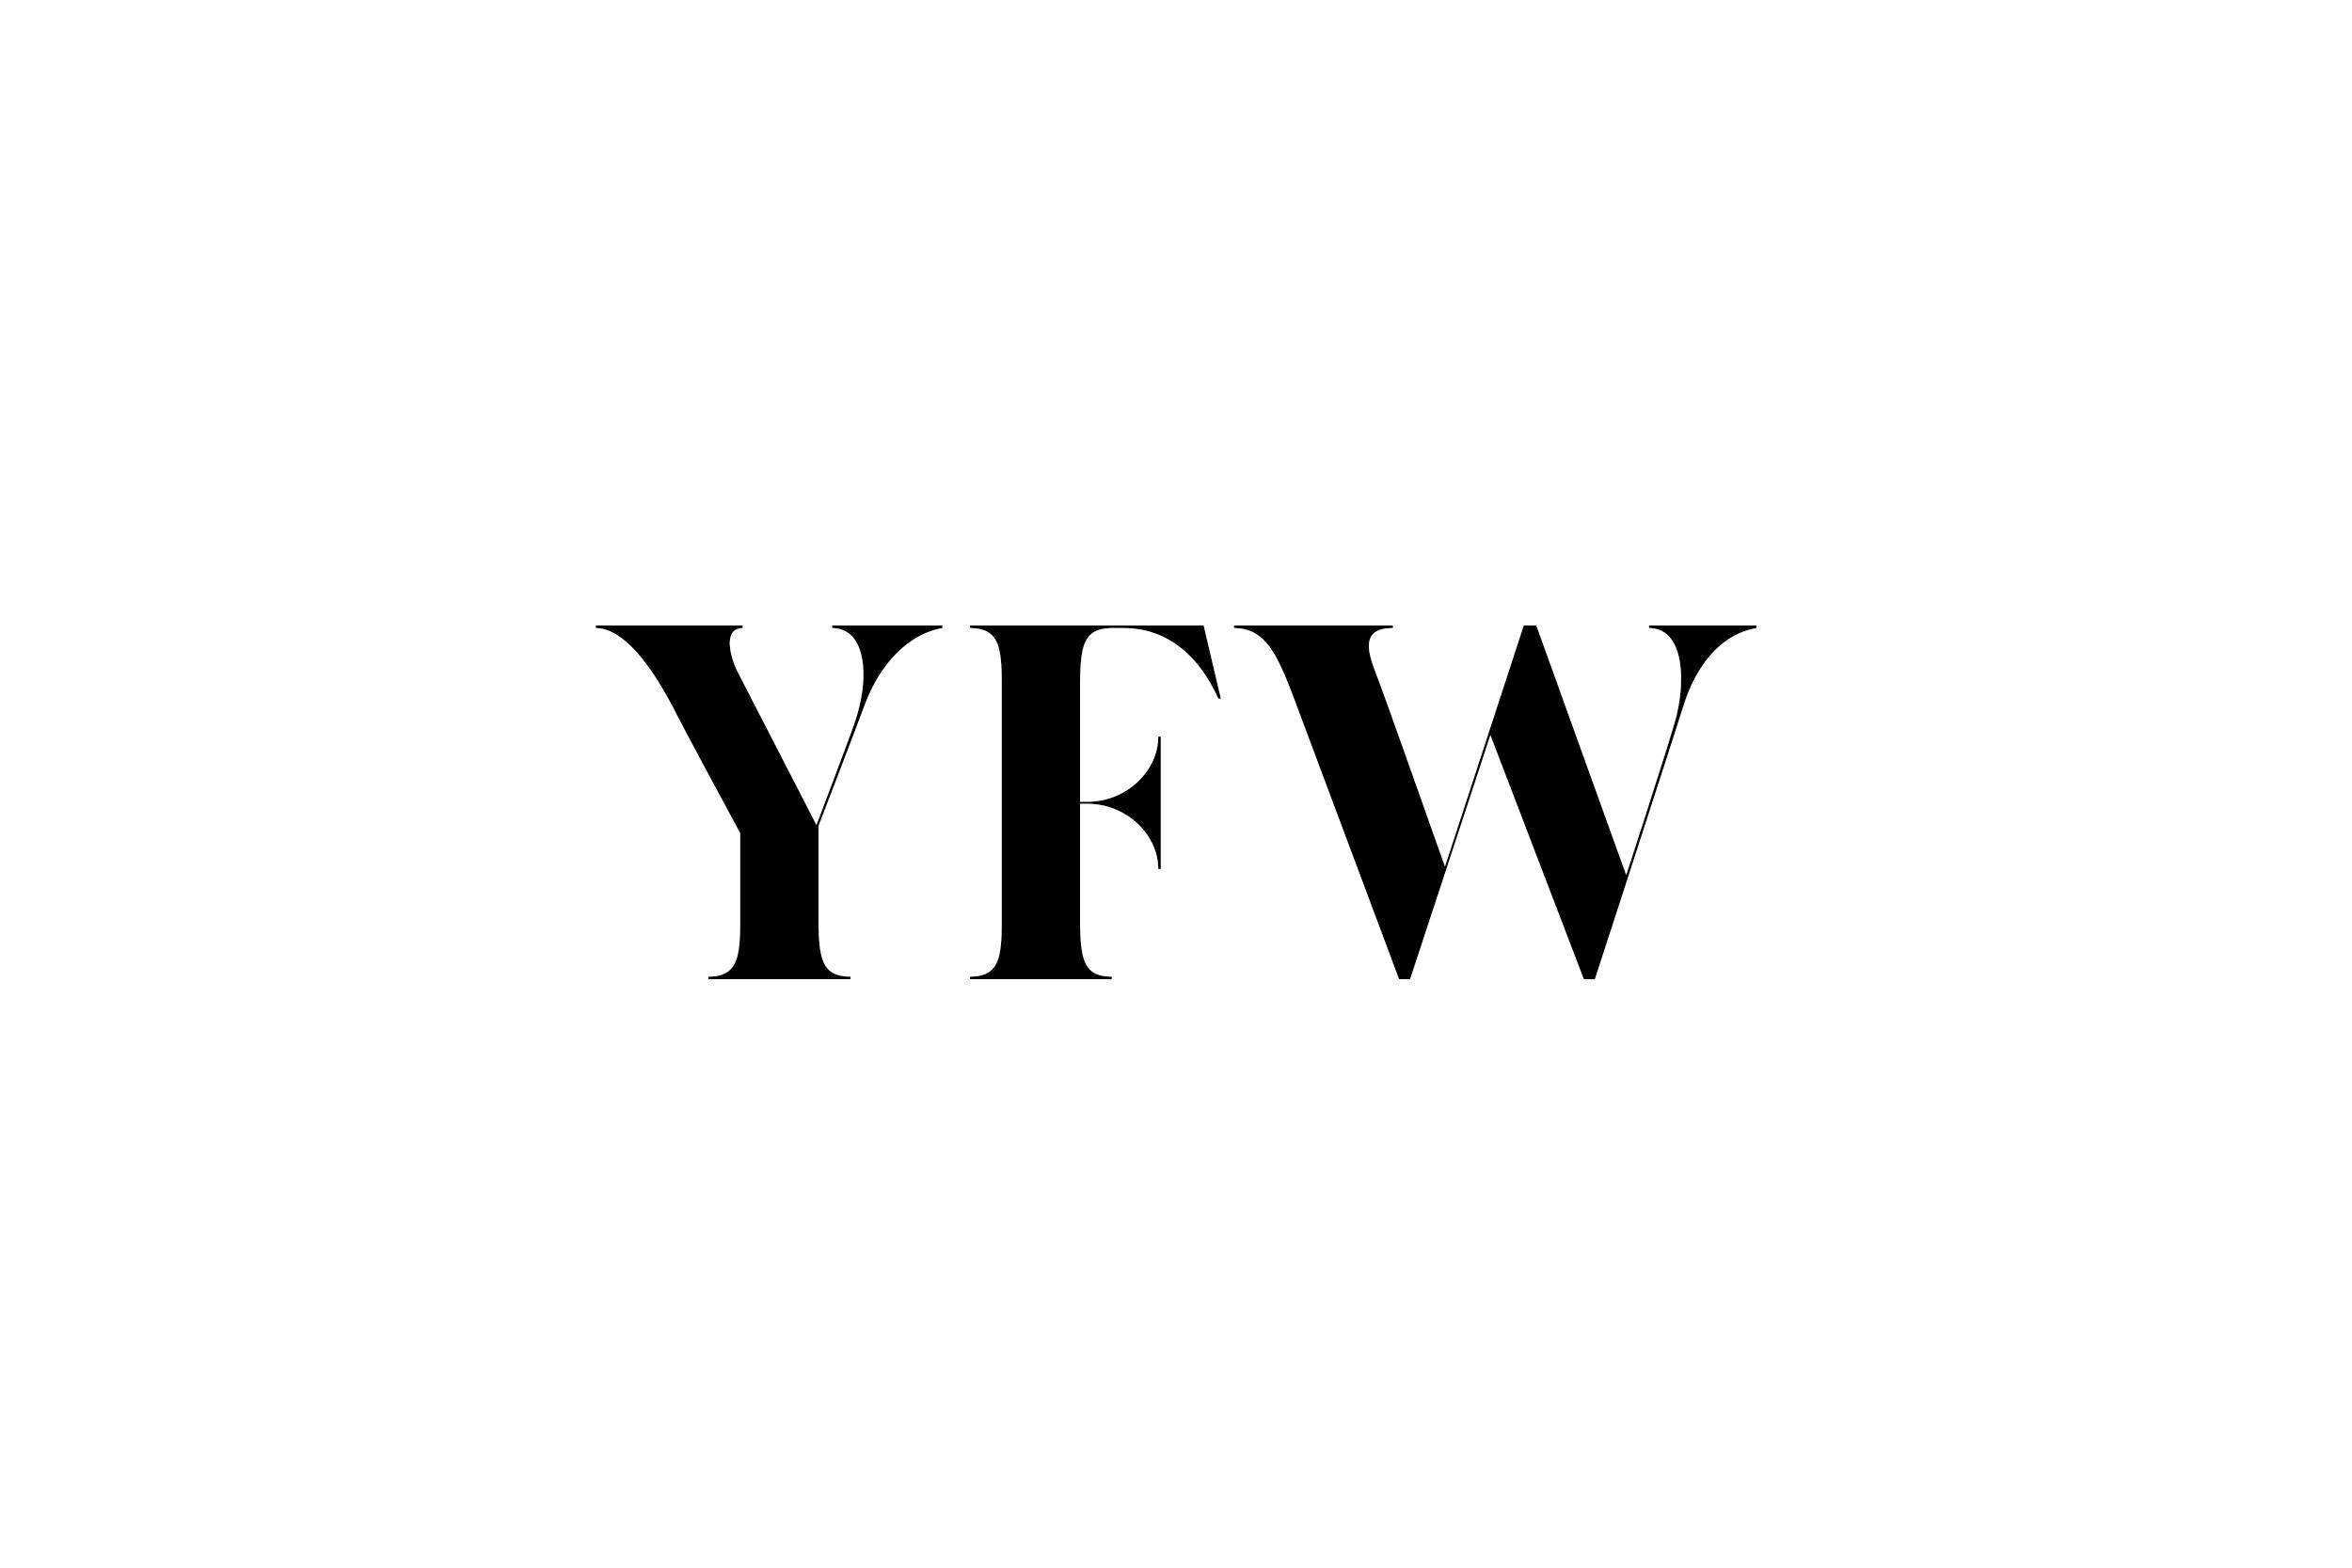 yfw-logo-white